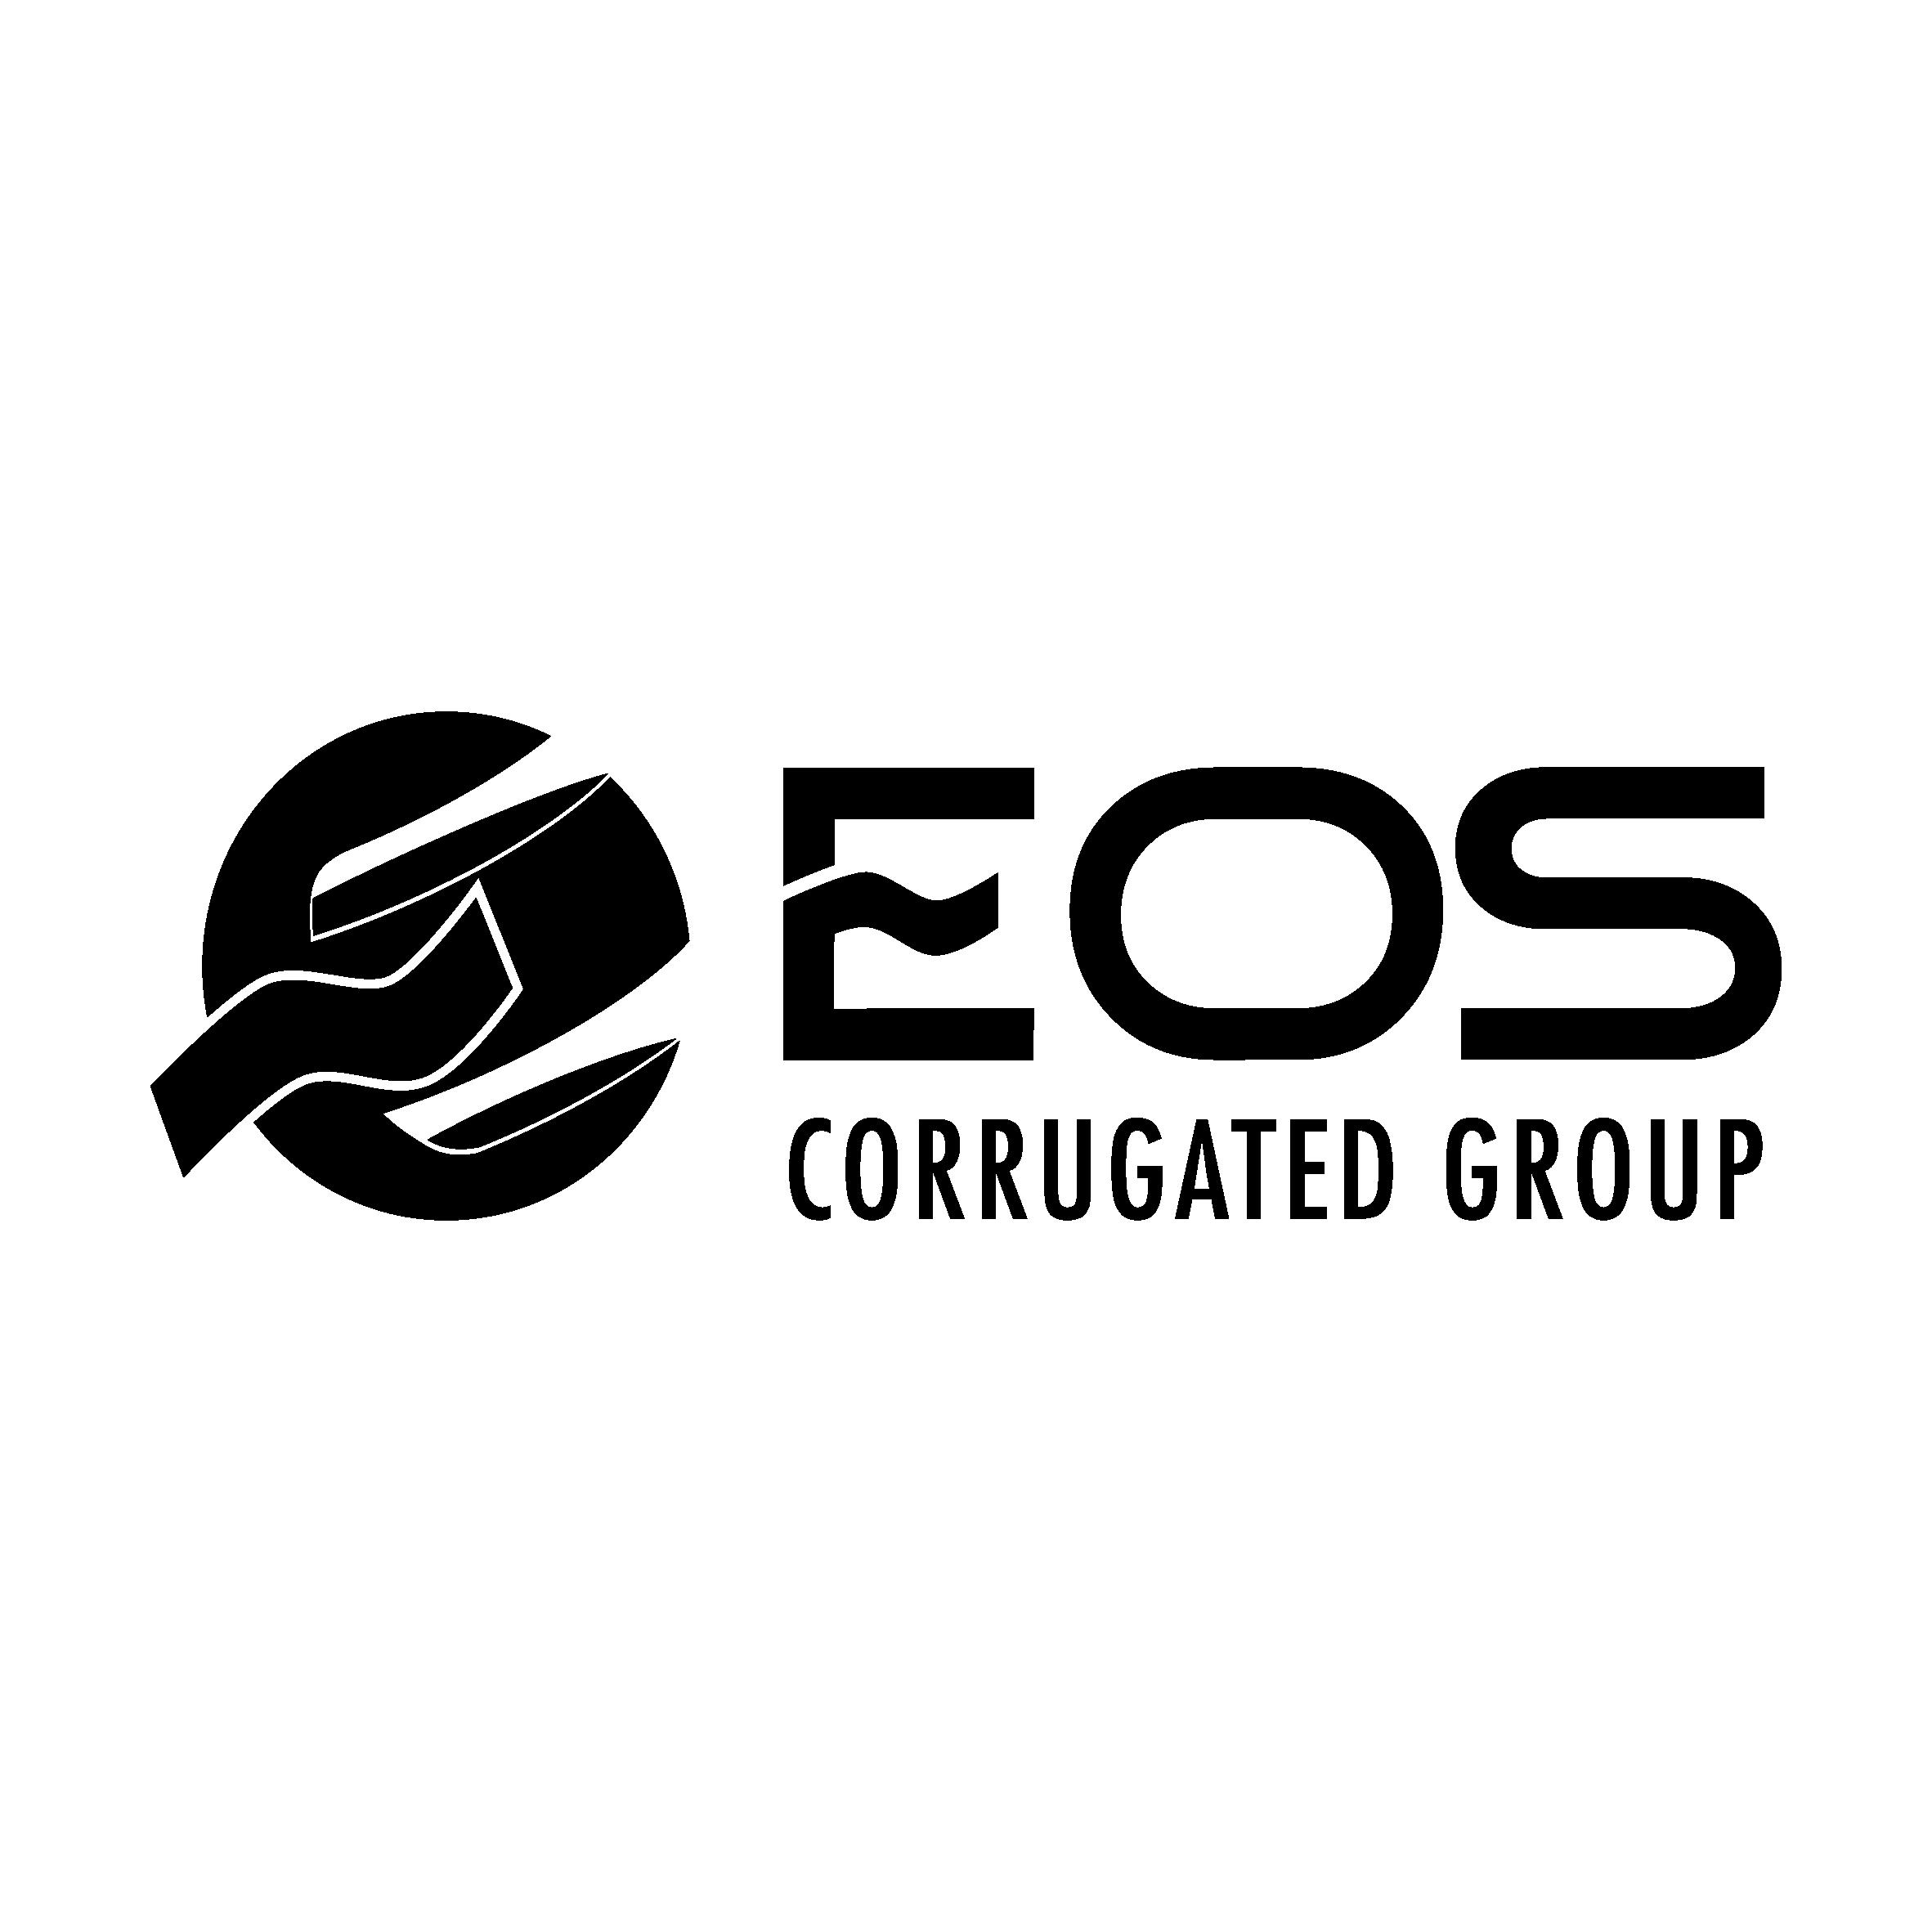 logos bn_Mesa de trabajo 1 copia